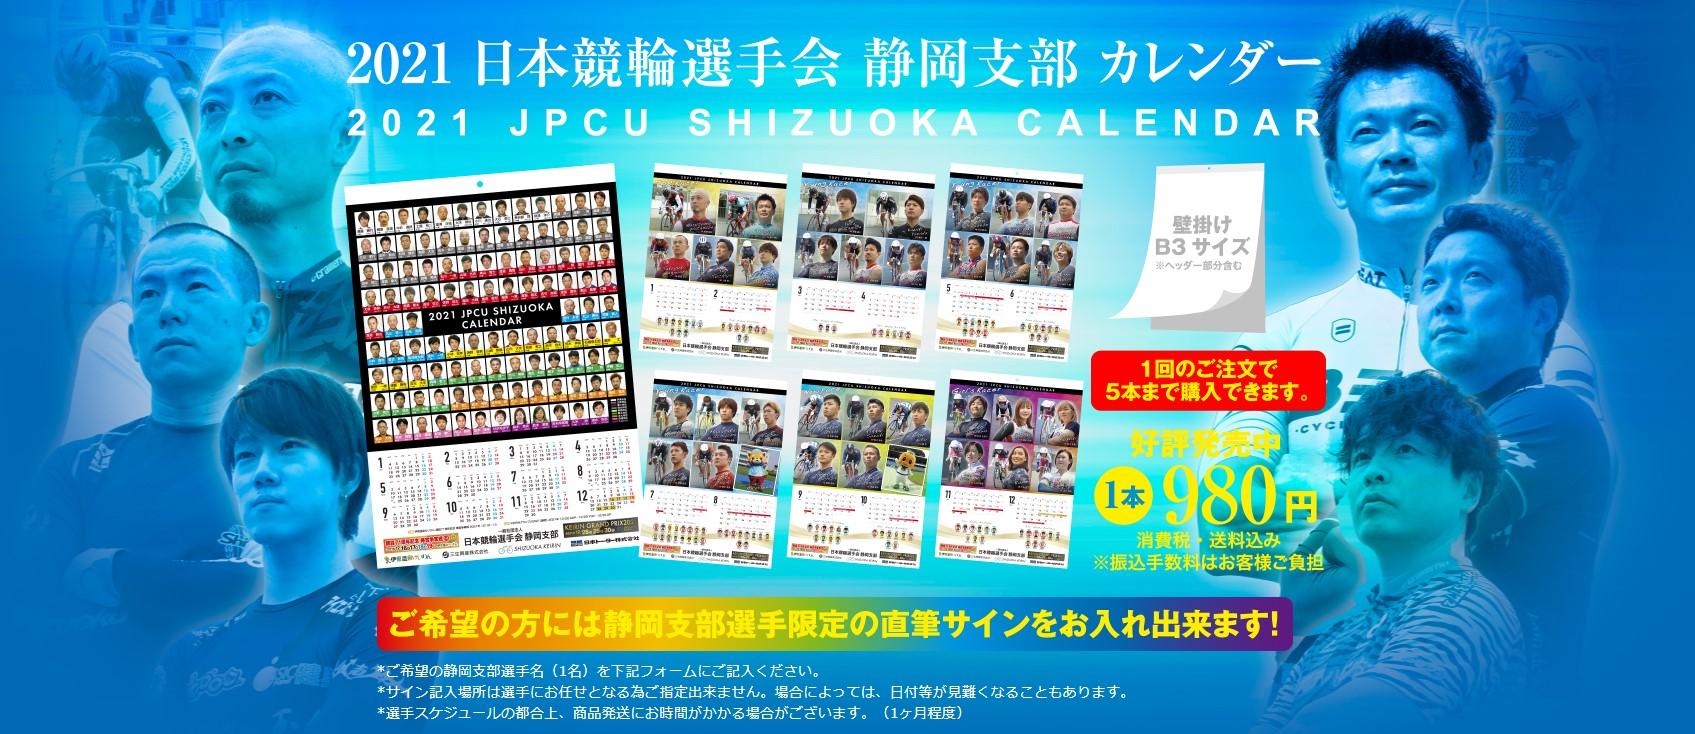 2021年競輪静岡支部カレンダー販売開始!